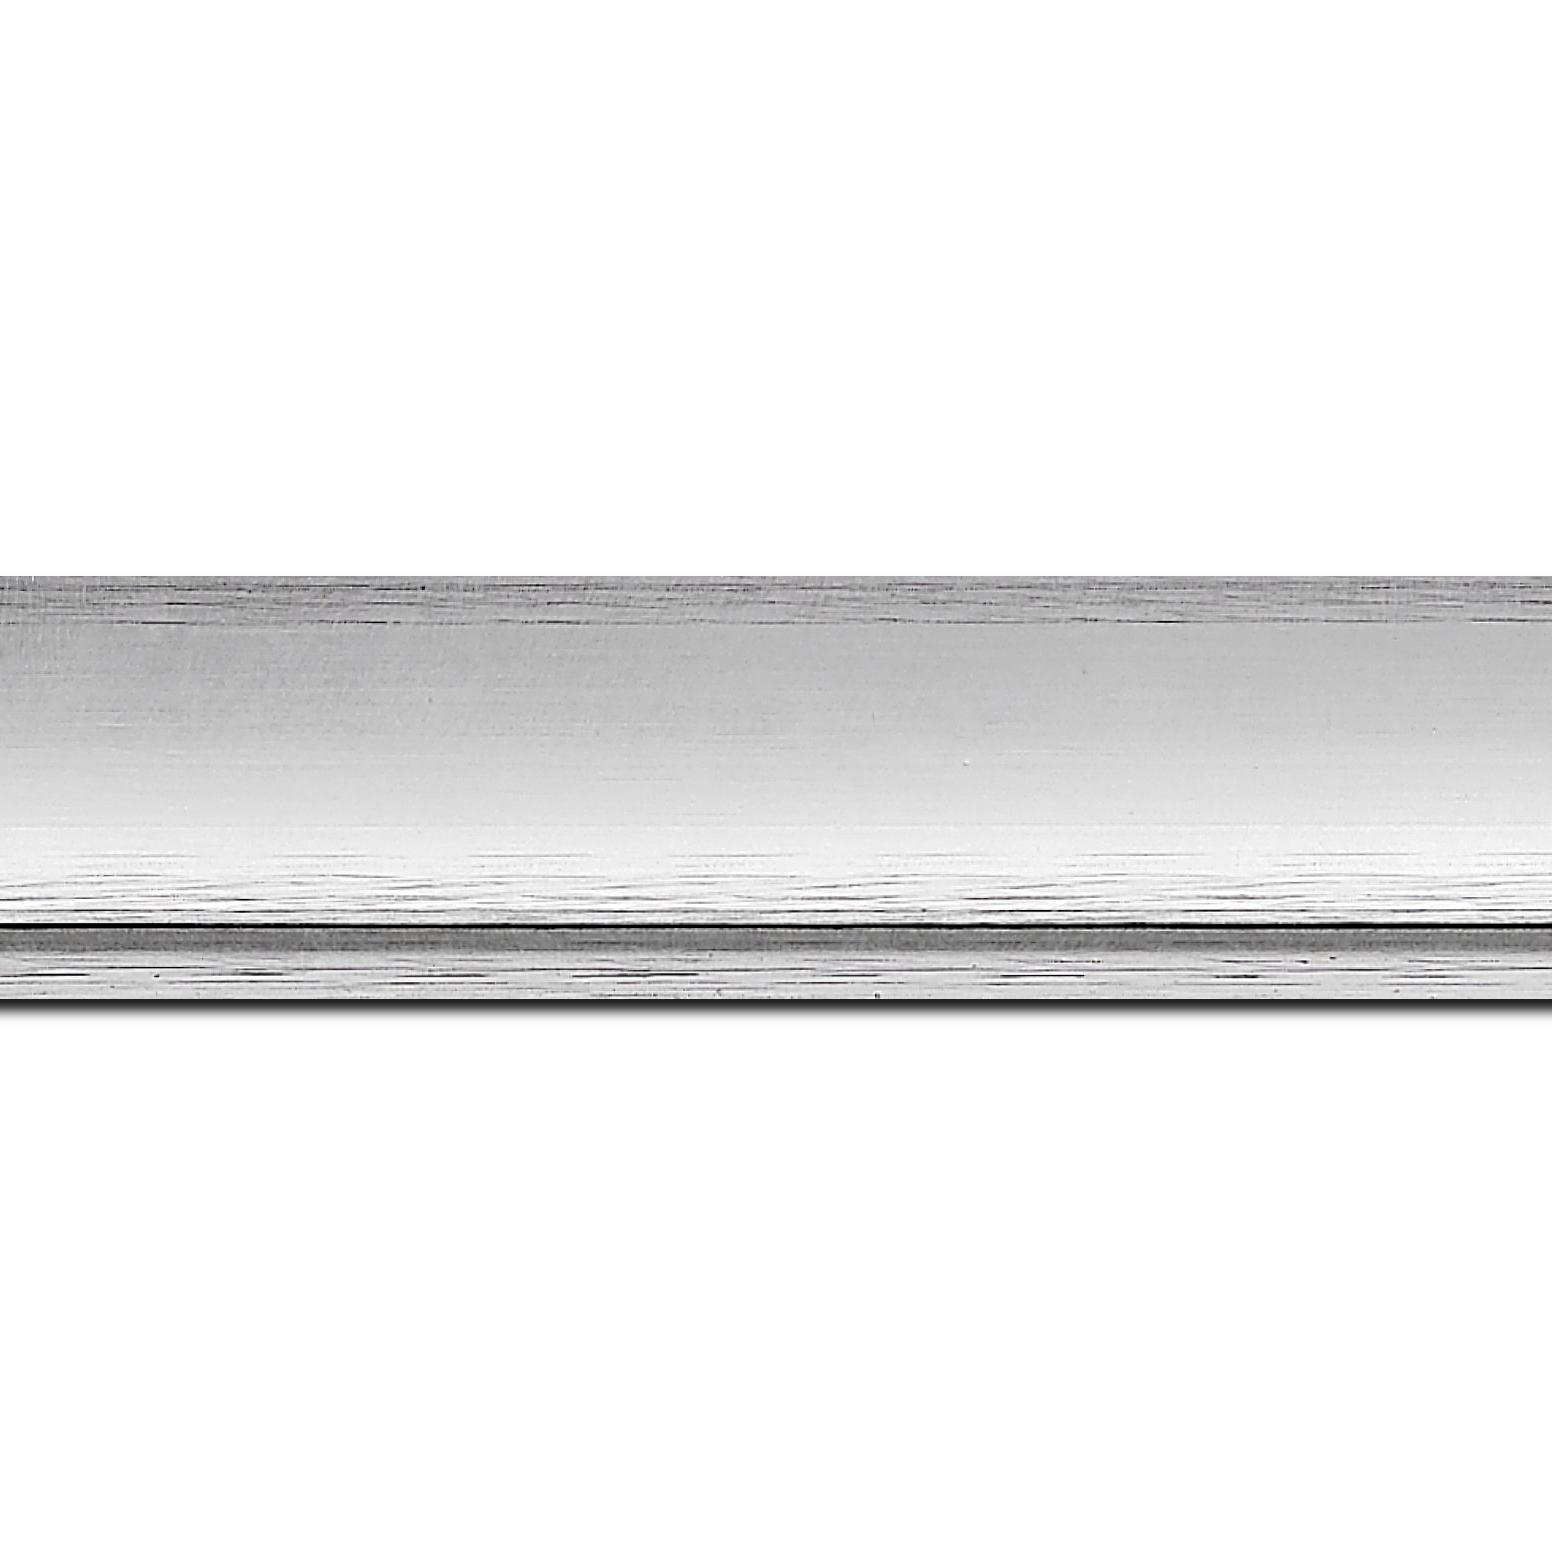 Baguette longueur 1.40m bois profil incurvé largeur 4.2cm couleur argent froid  effet givré